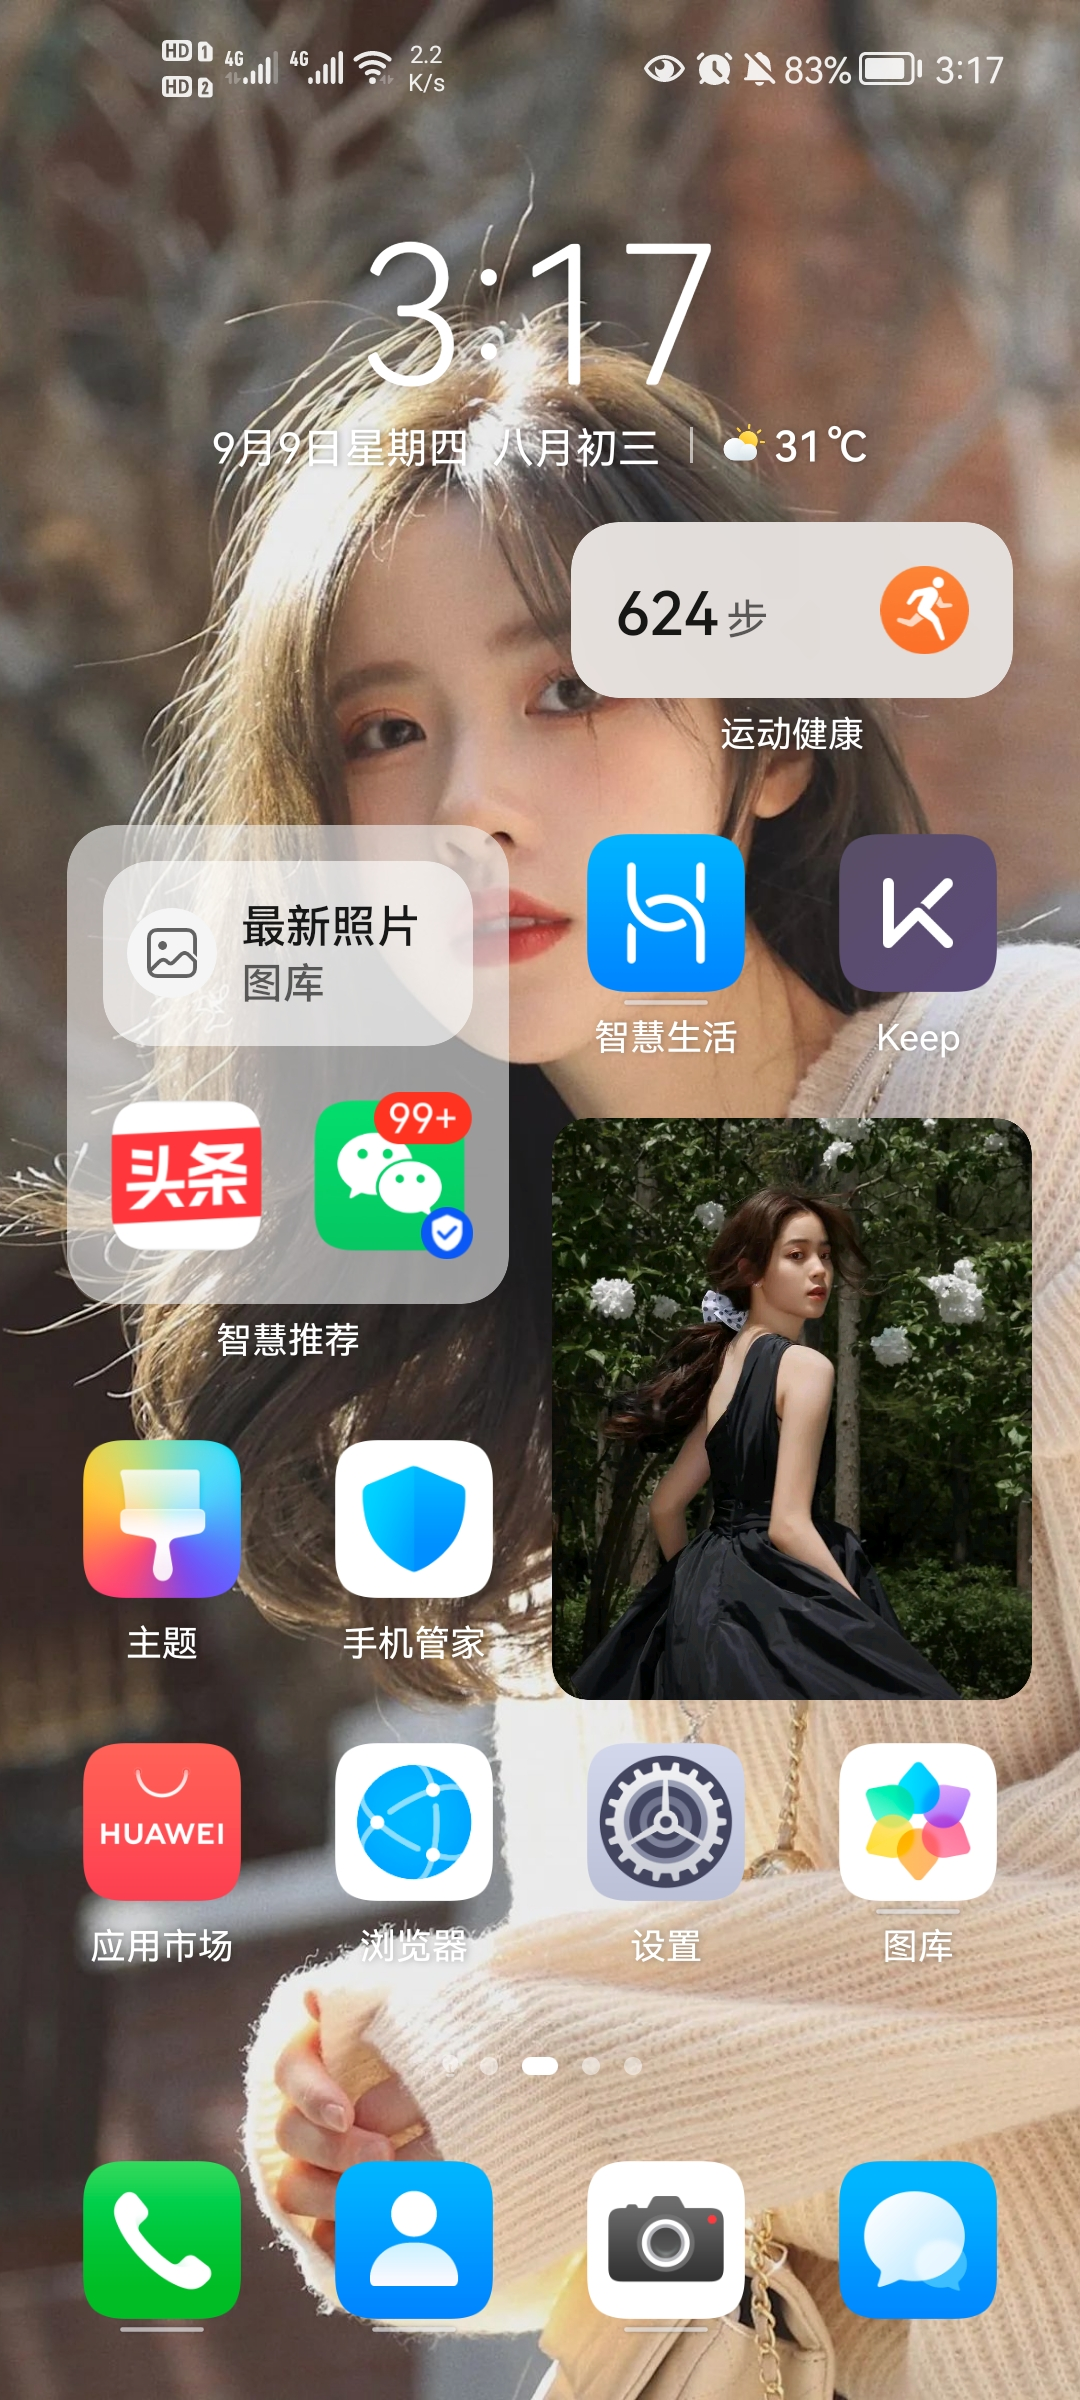 Screenshot_20210909_151742_com.huawei.android.launcher.jpg